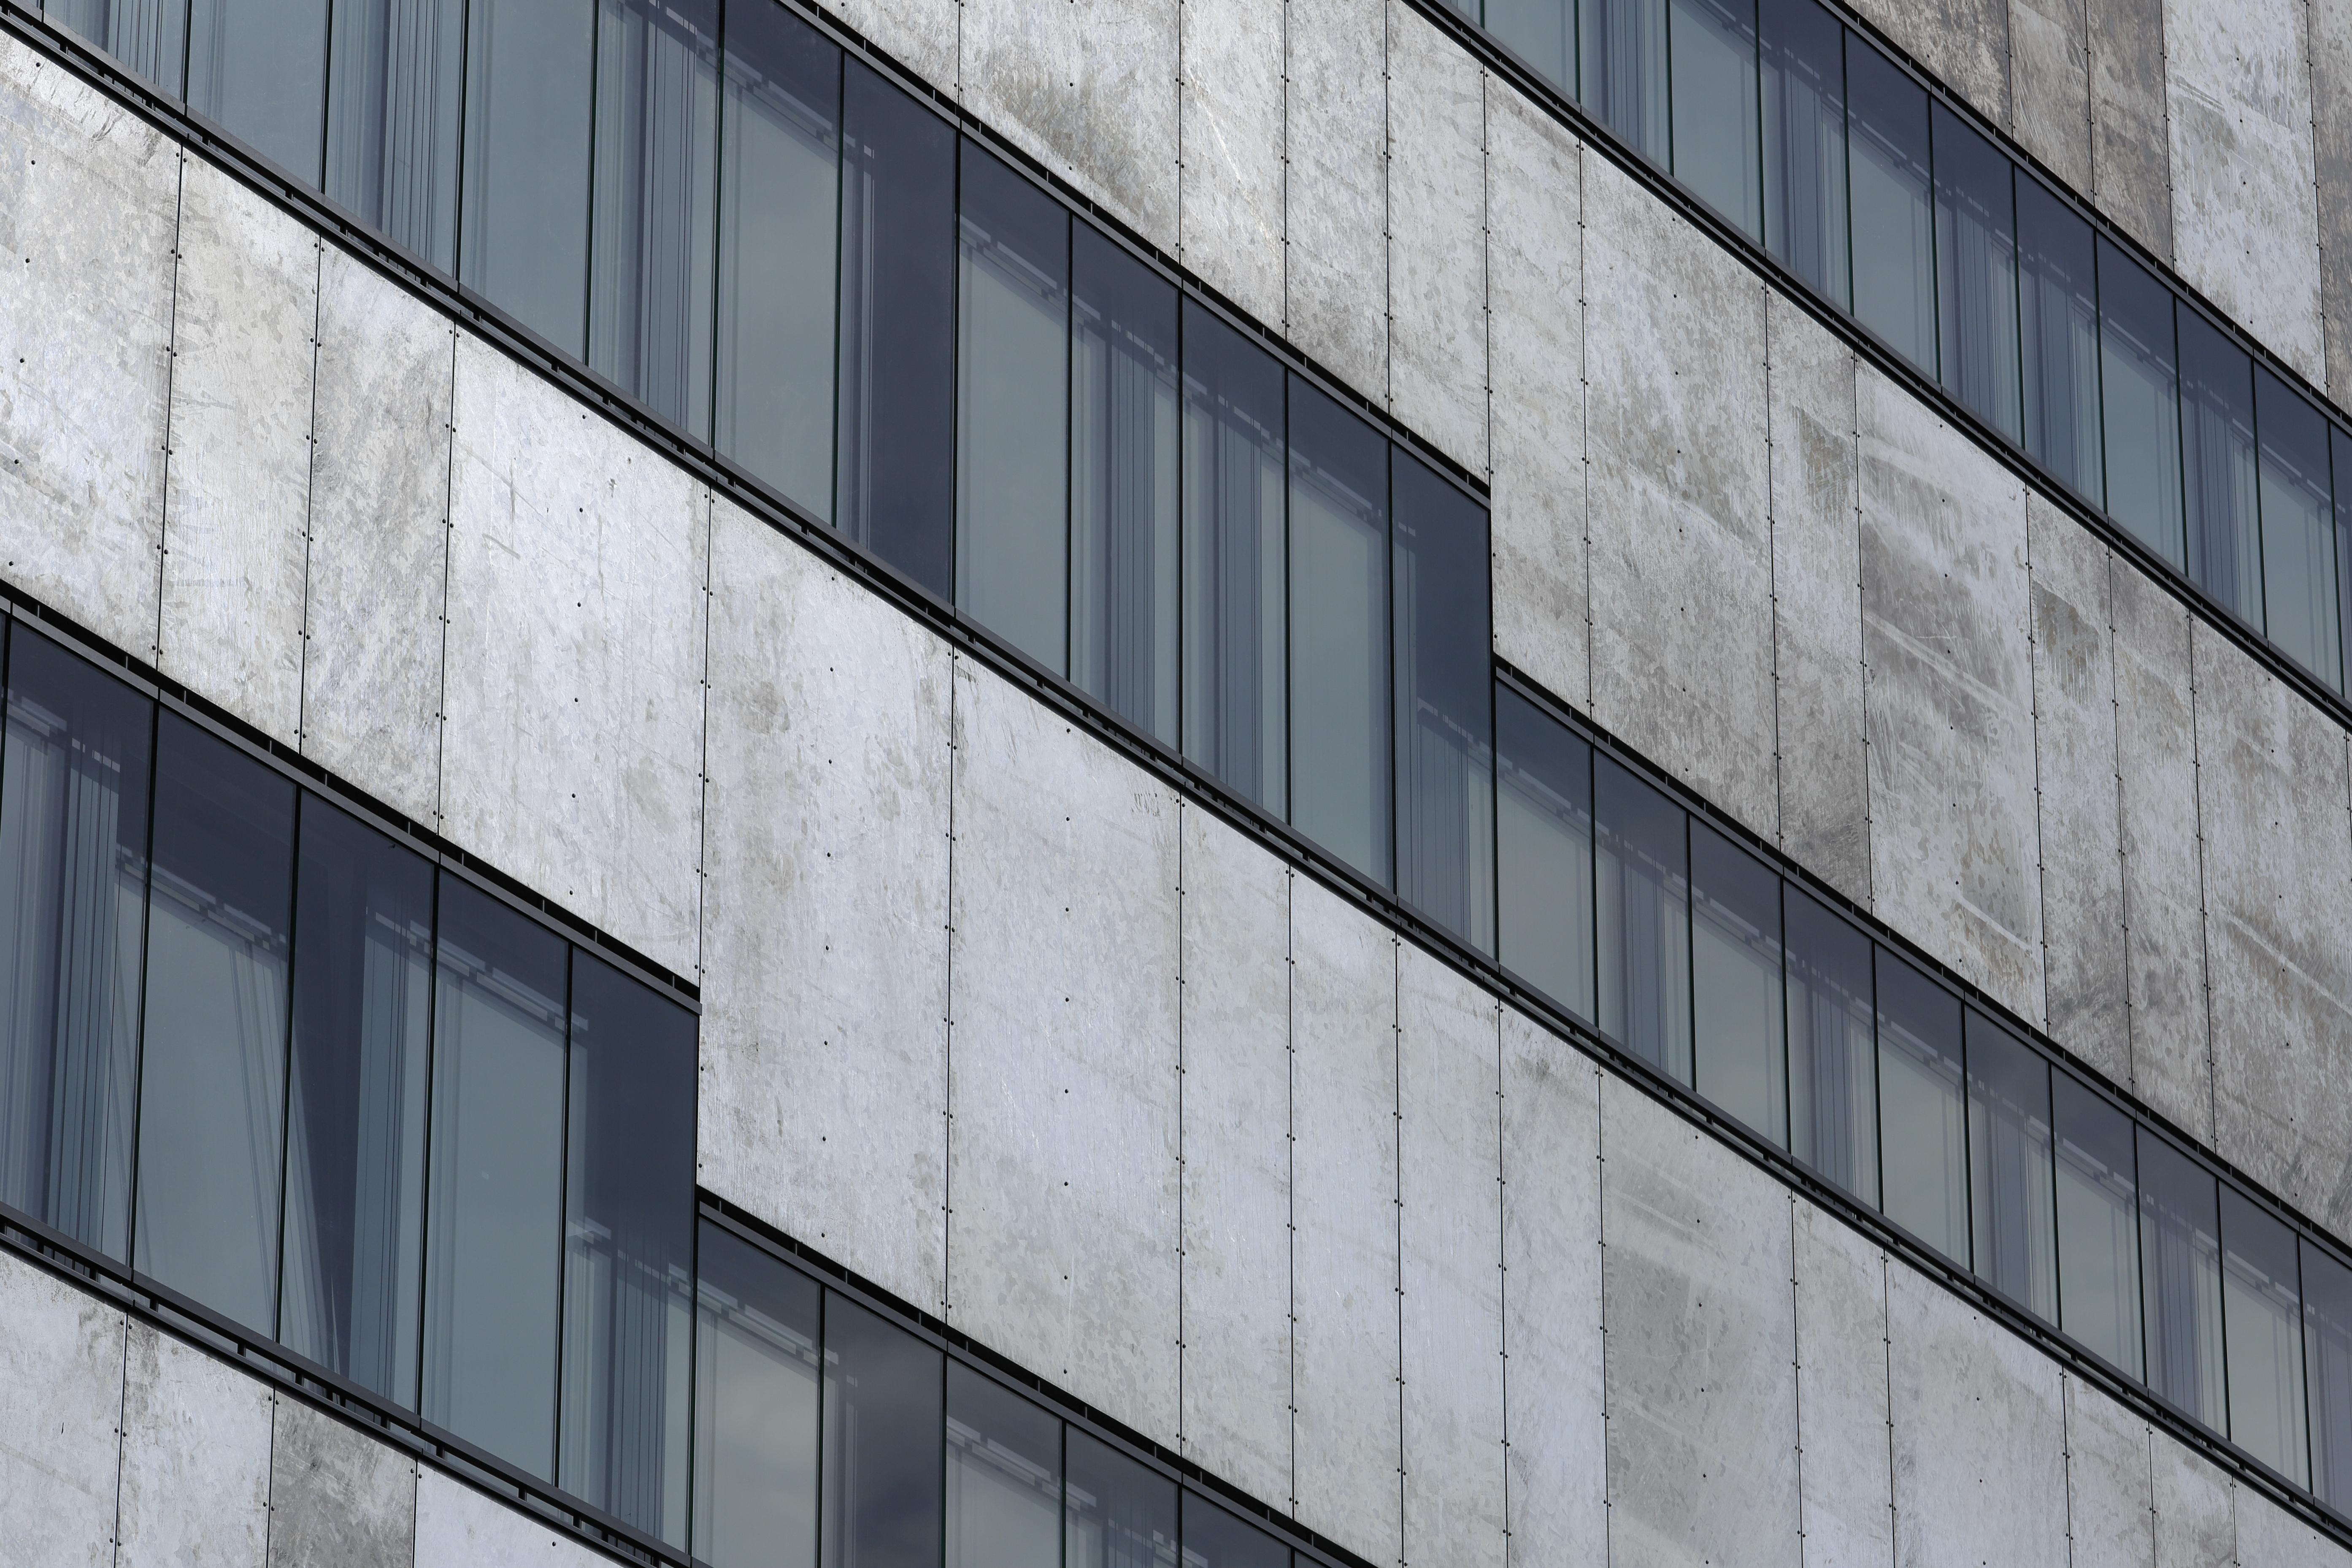 Presseinformation zum deutschen fassadenpreis 2018 f r vhf preistr ger - Mgf architekten ...